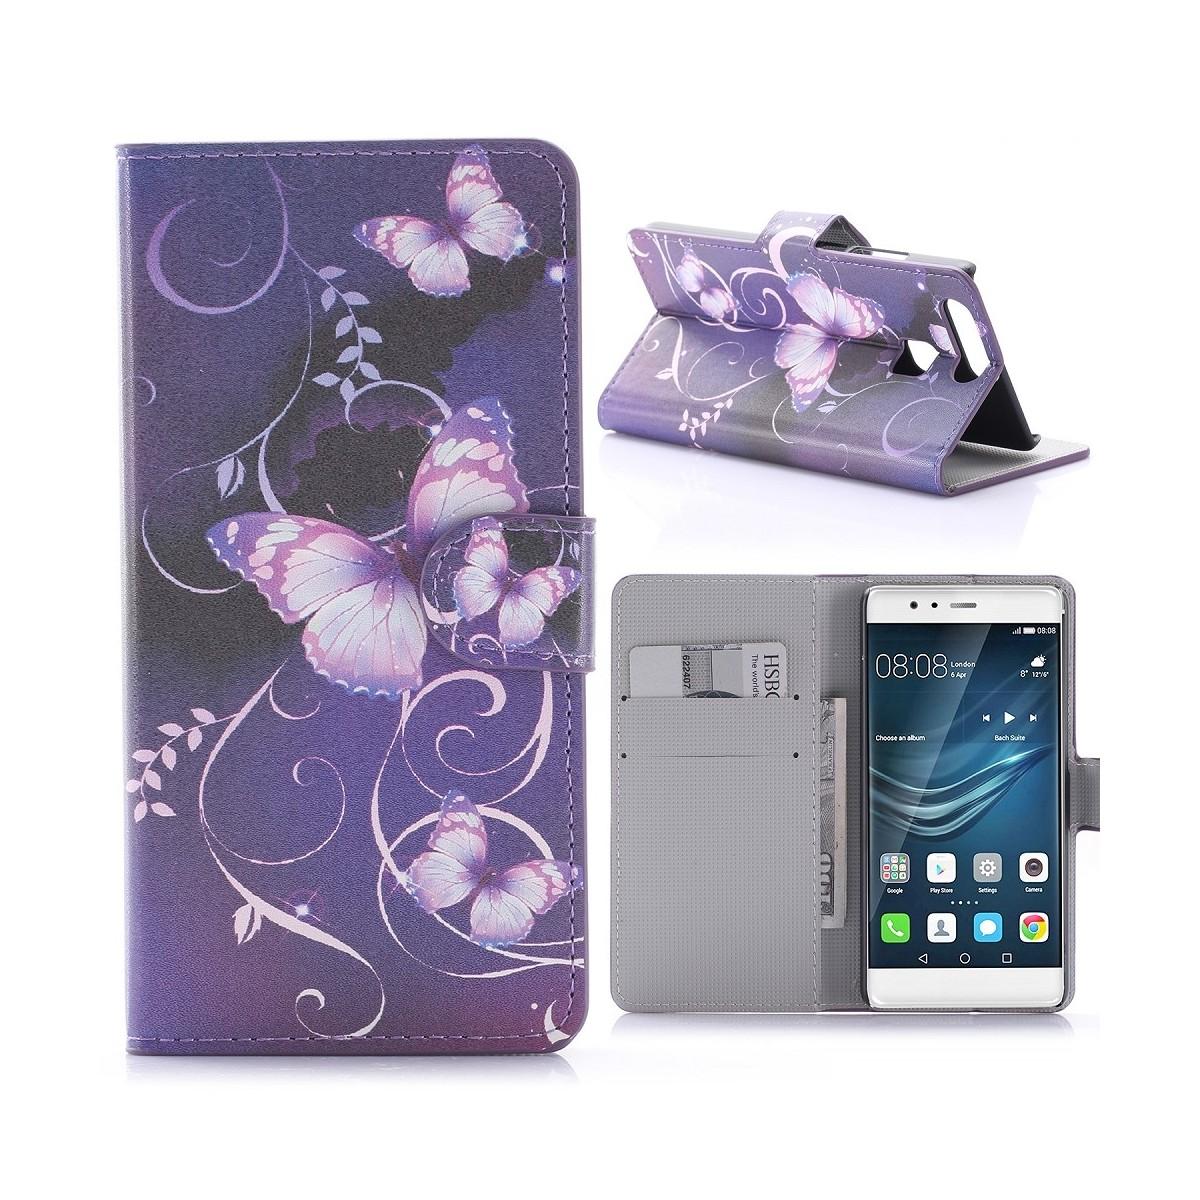 Etui Huawei P9 motif Papillons Violets - Crazy Kase